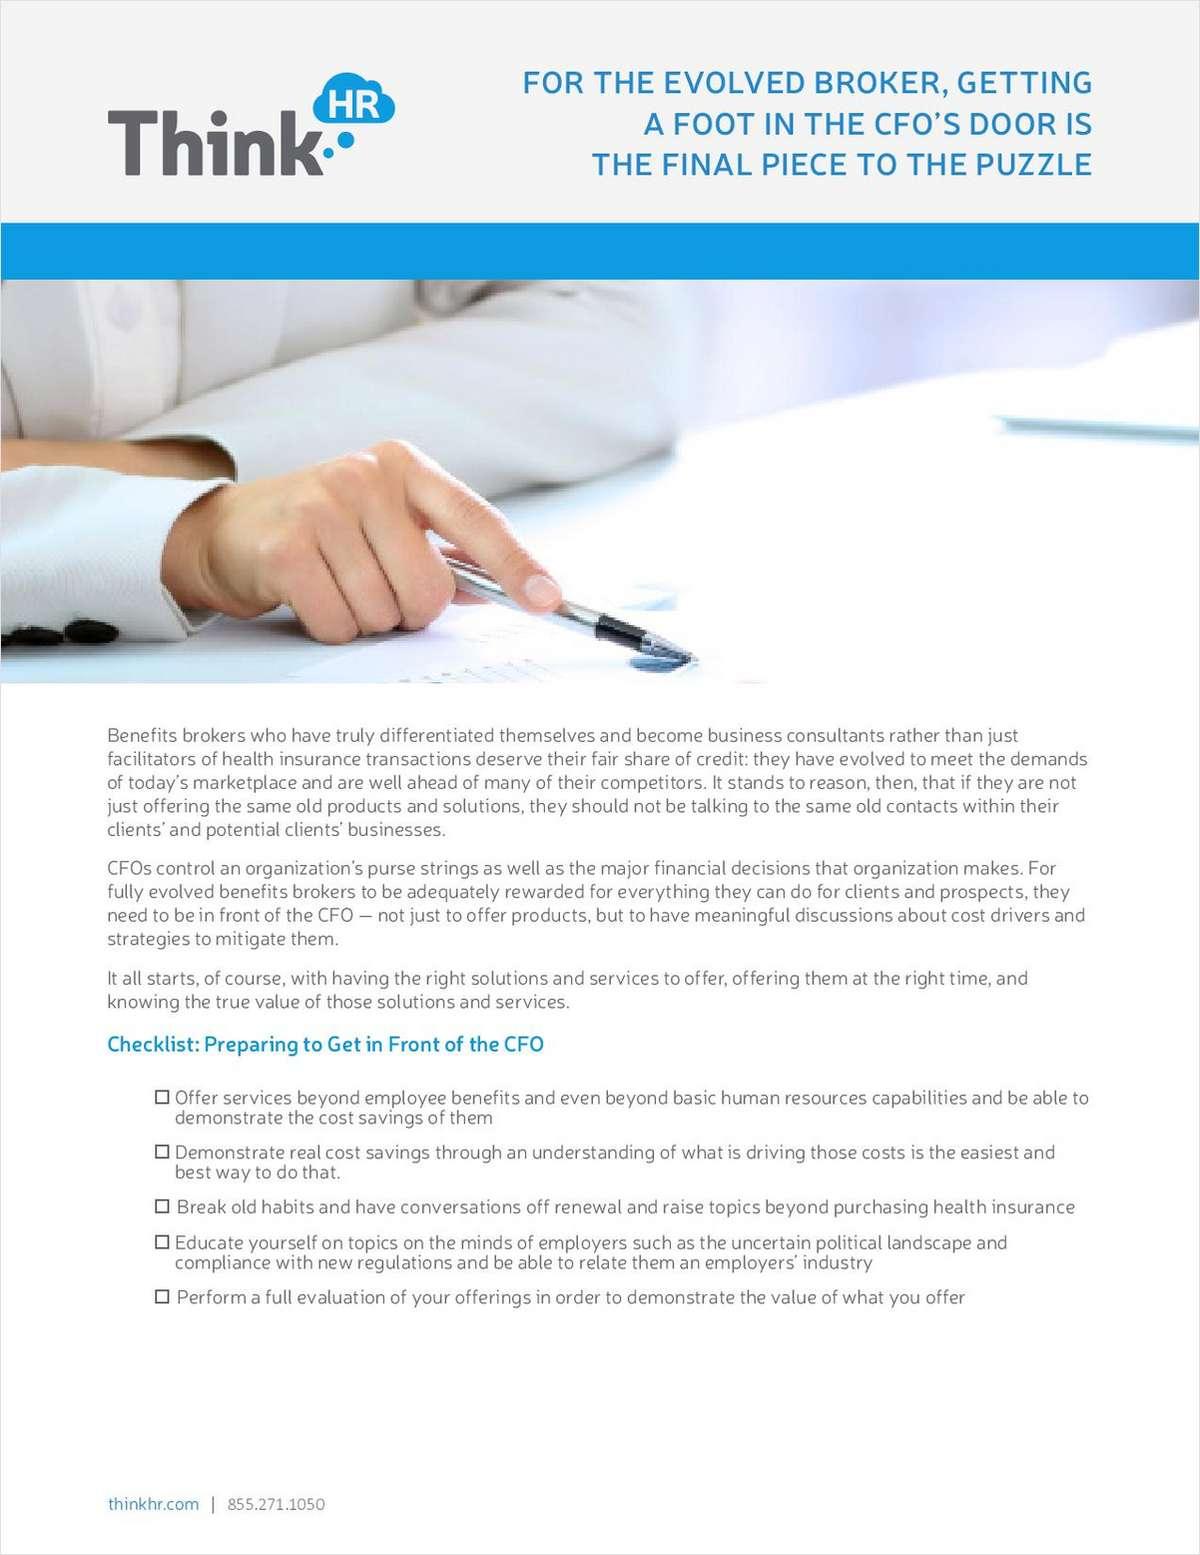 Tips on Getting Your Foot in the CFO's Door